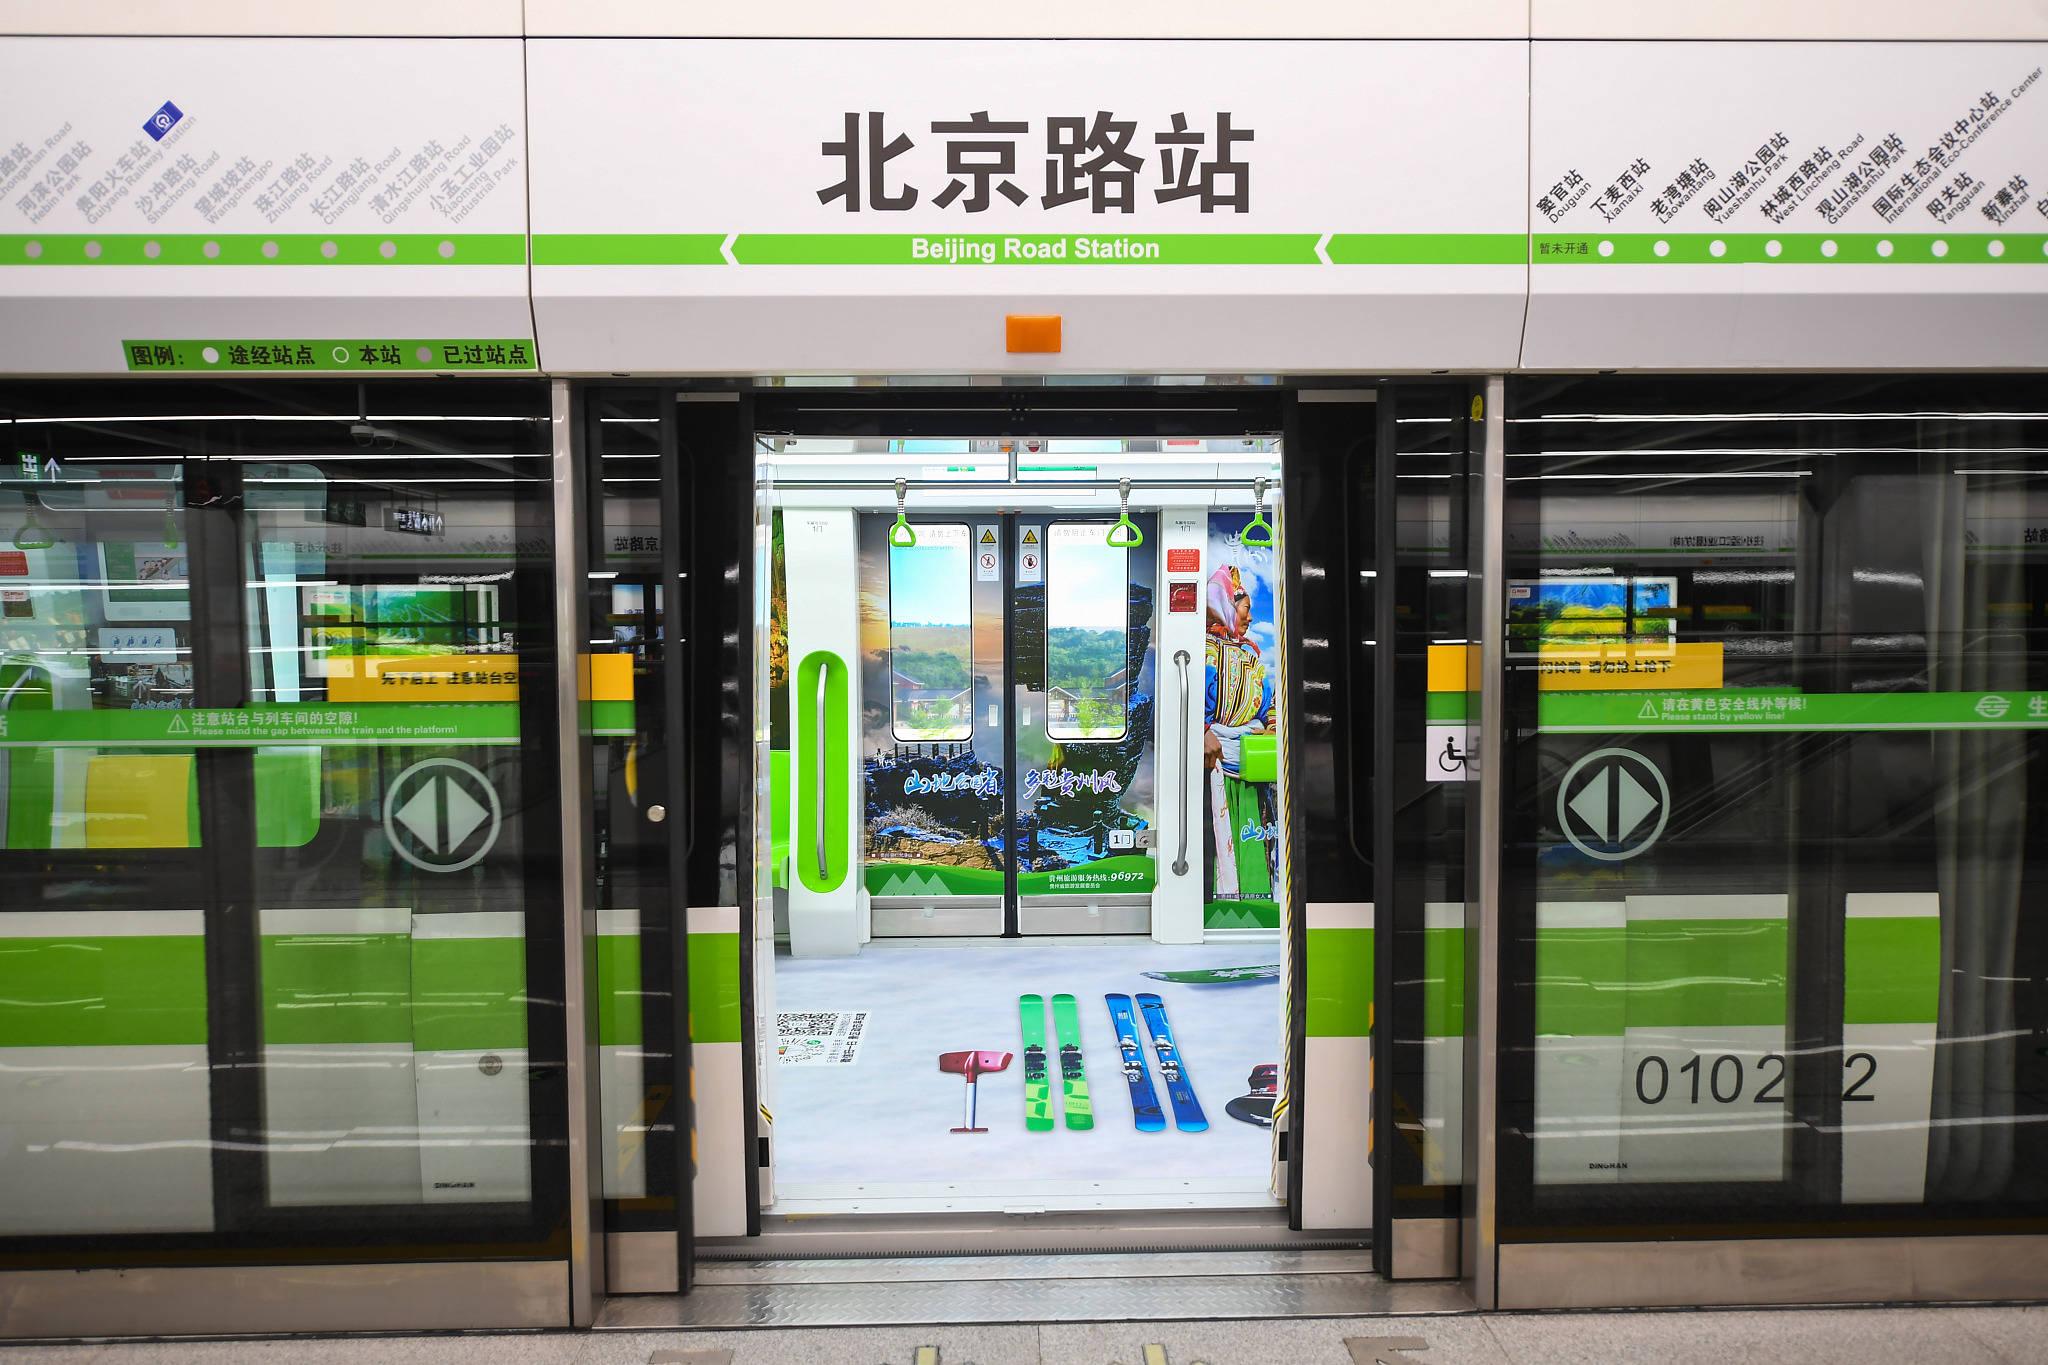 @贵阳人!刷脸乘地铁,你想了解的都在这里